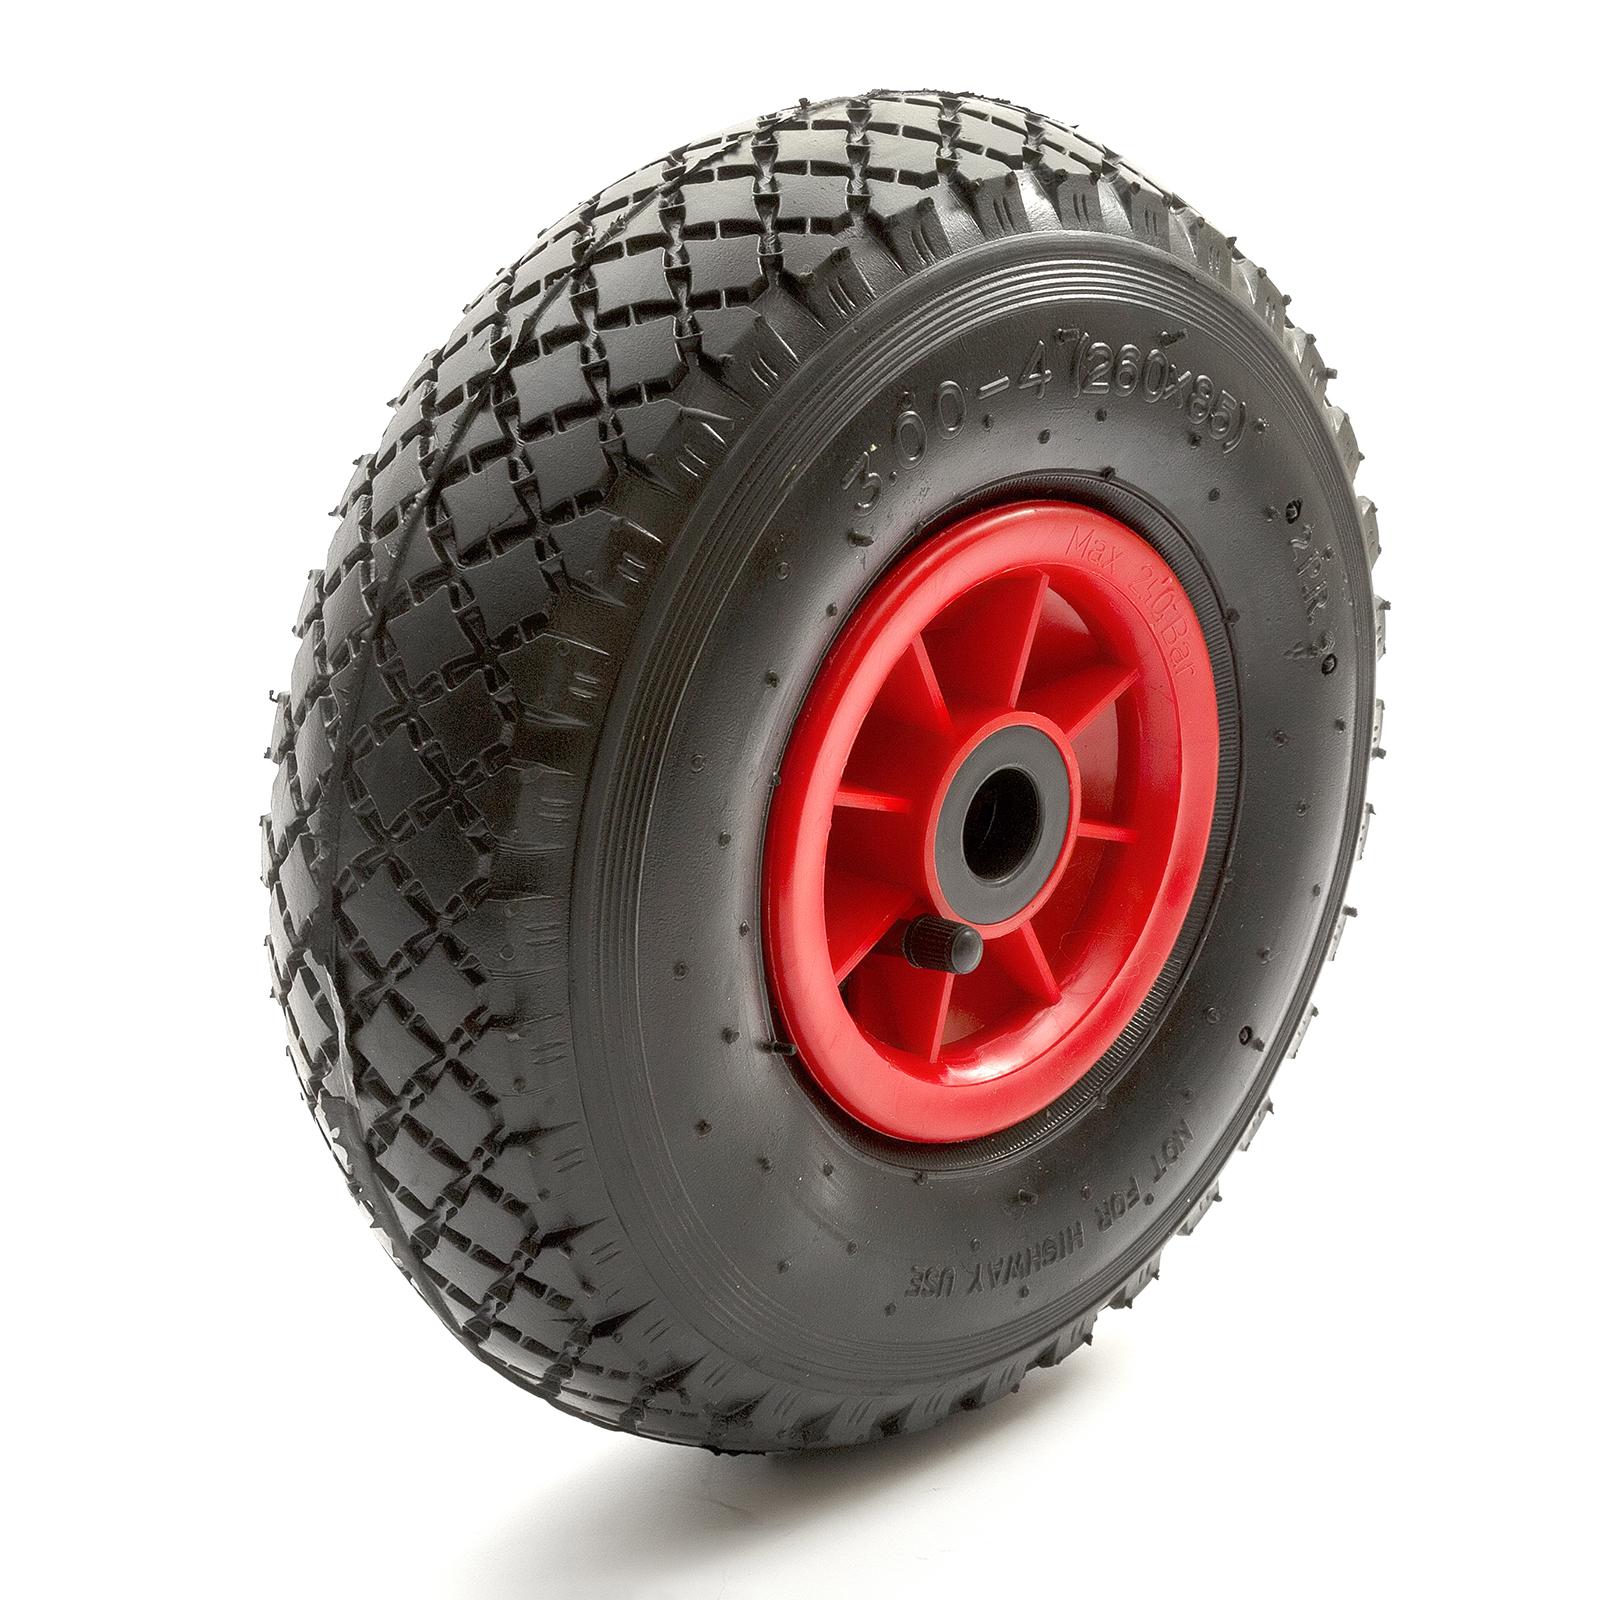 """Rouge complet 14 /""""pneumatique brouette roue pneumatique 3.50-8 tube intérieur innertube"""